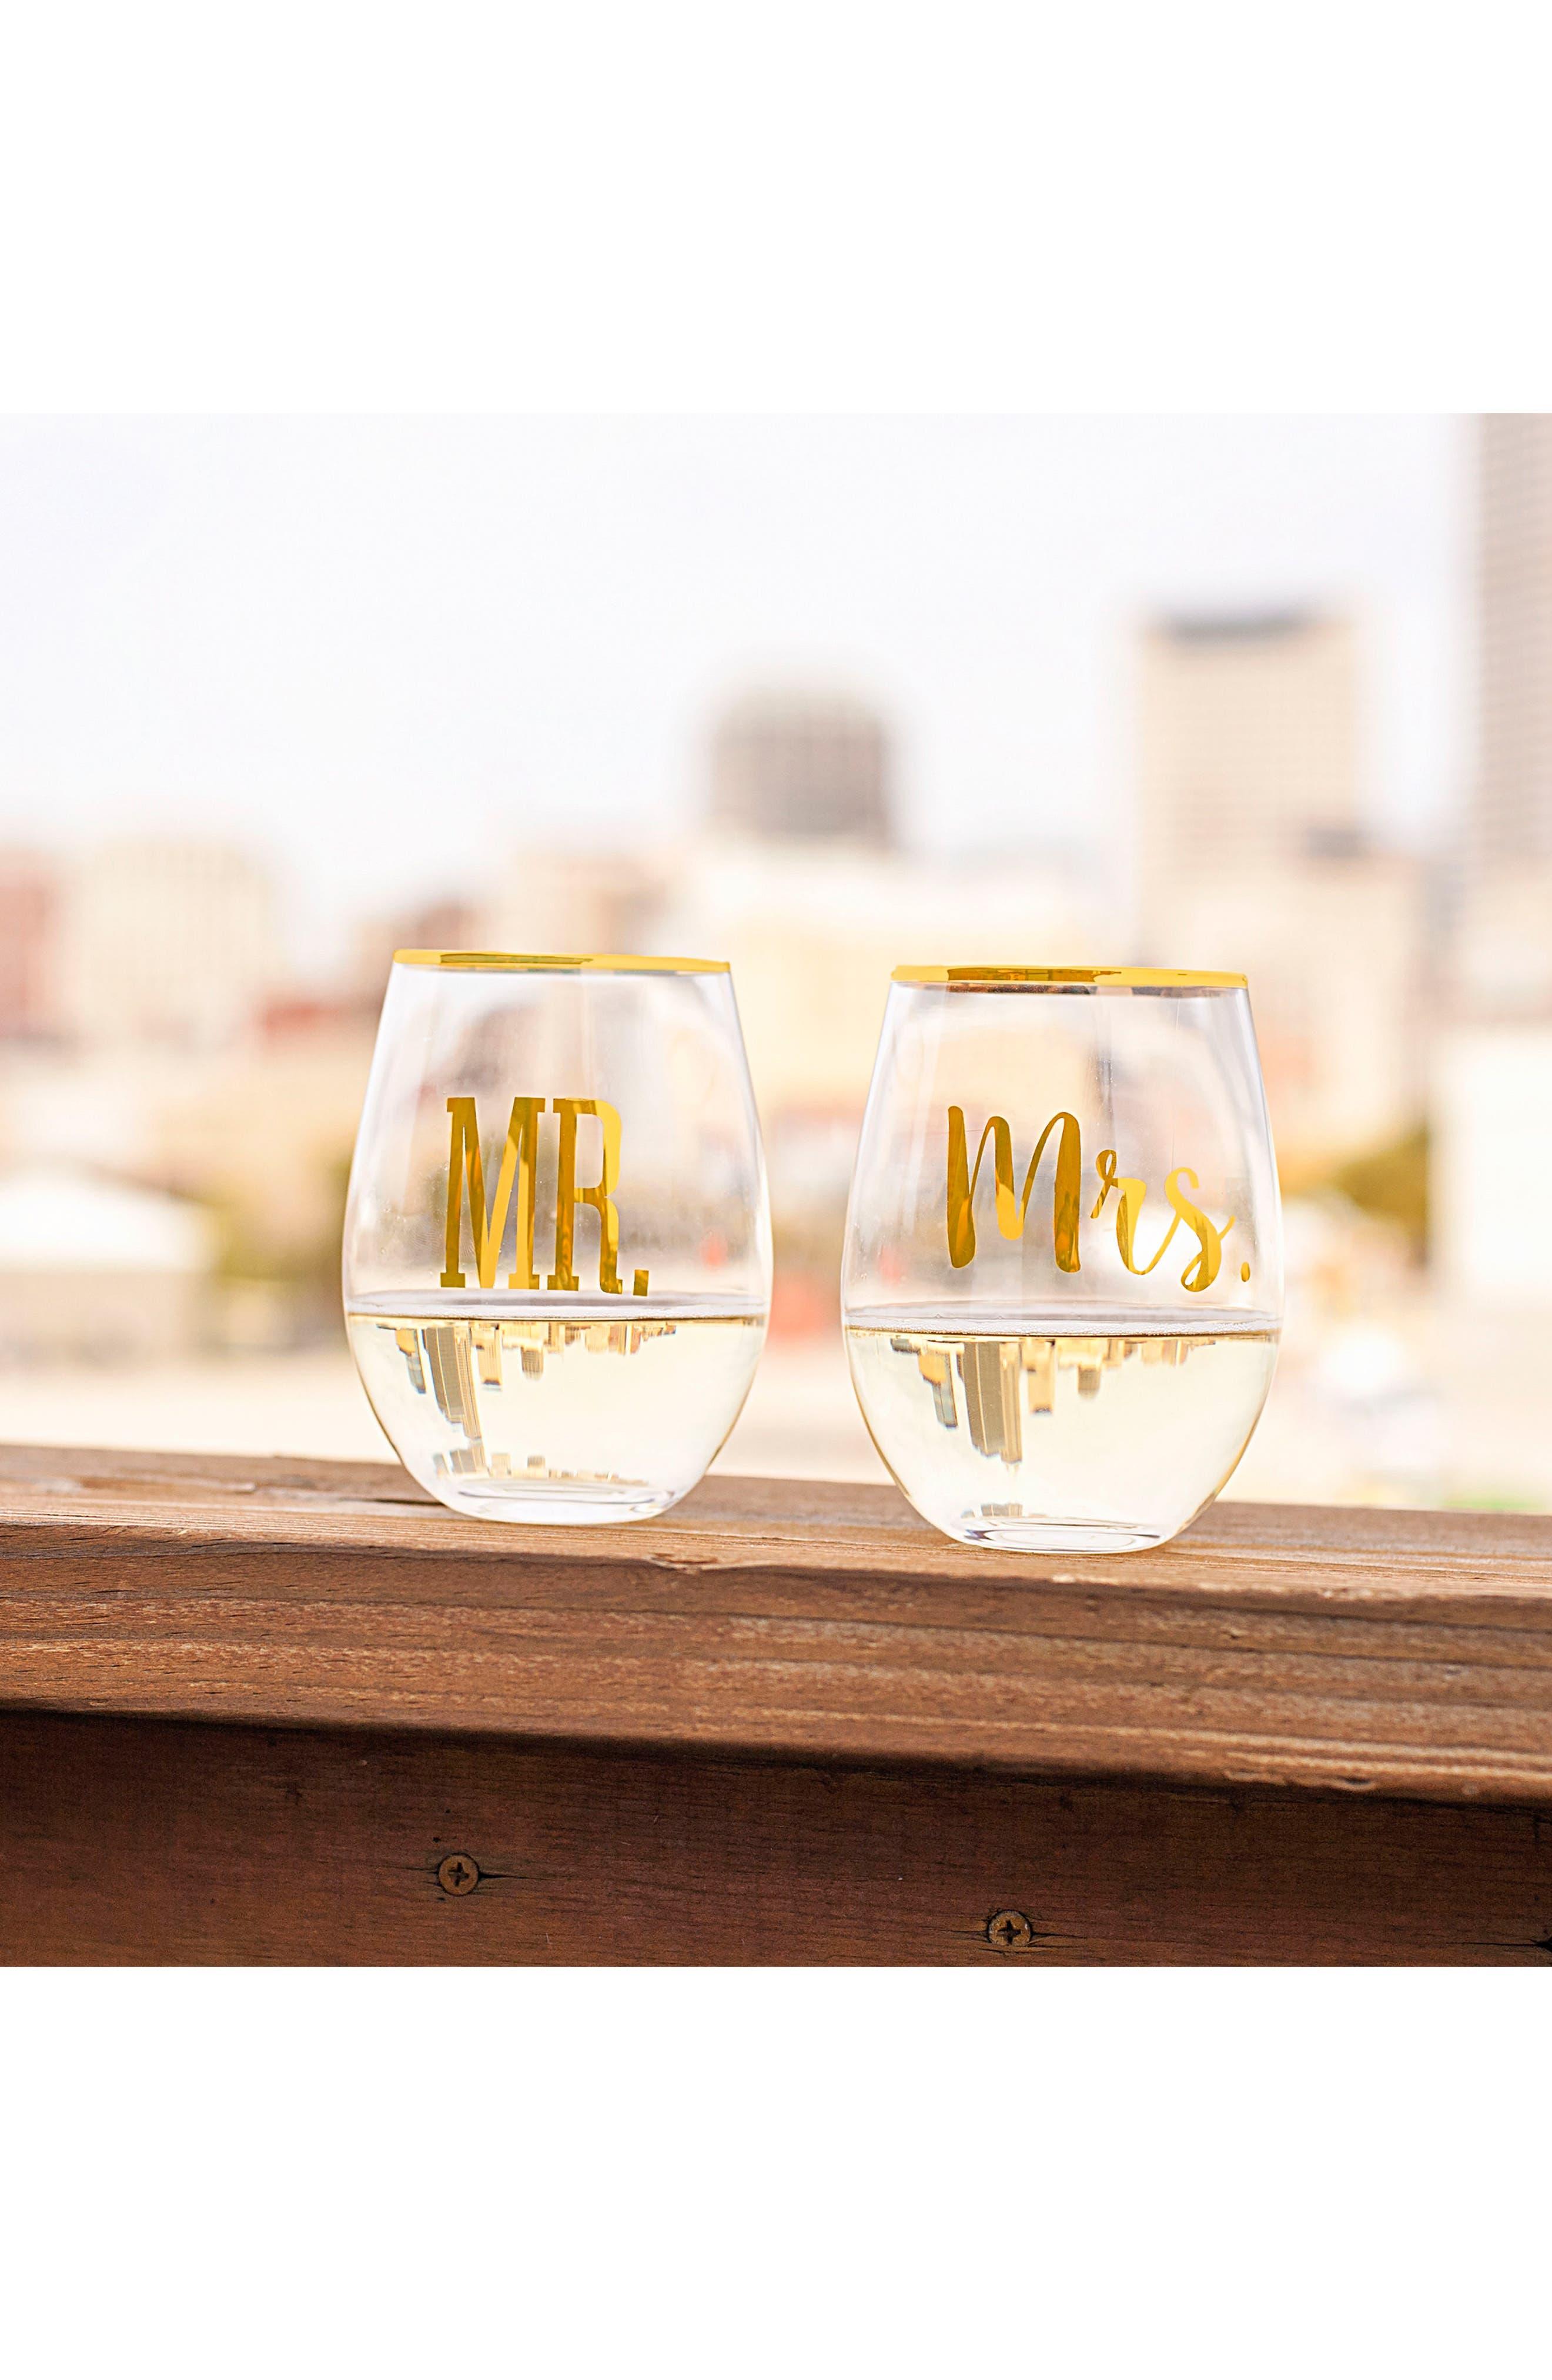 Mr. & Mrs. Set of 2 Stemless Wine Glasses,                             Alternate thumbnail 2, color,                             710